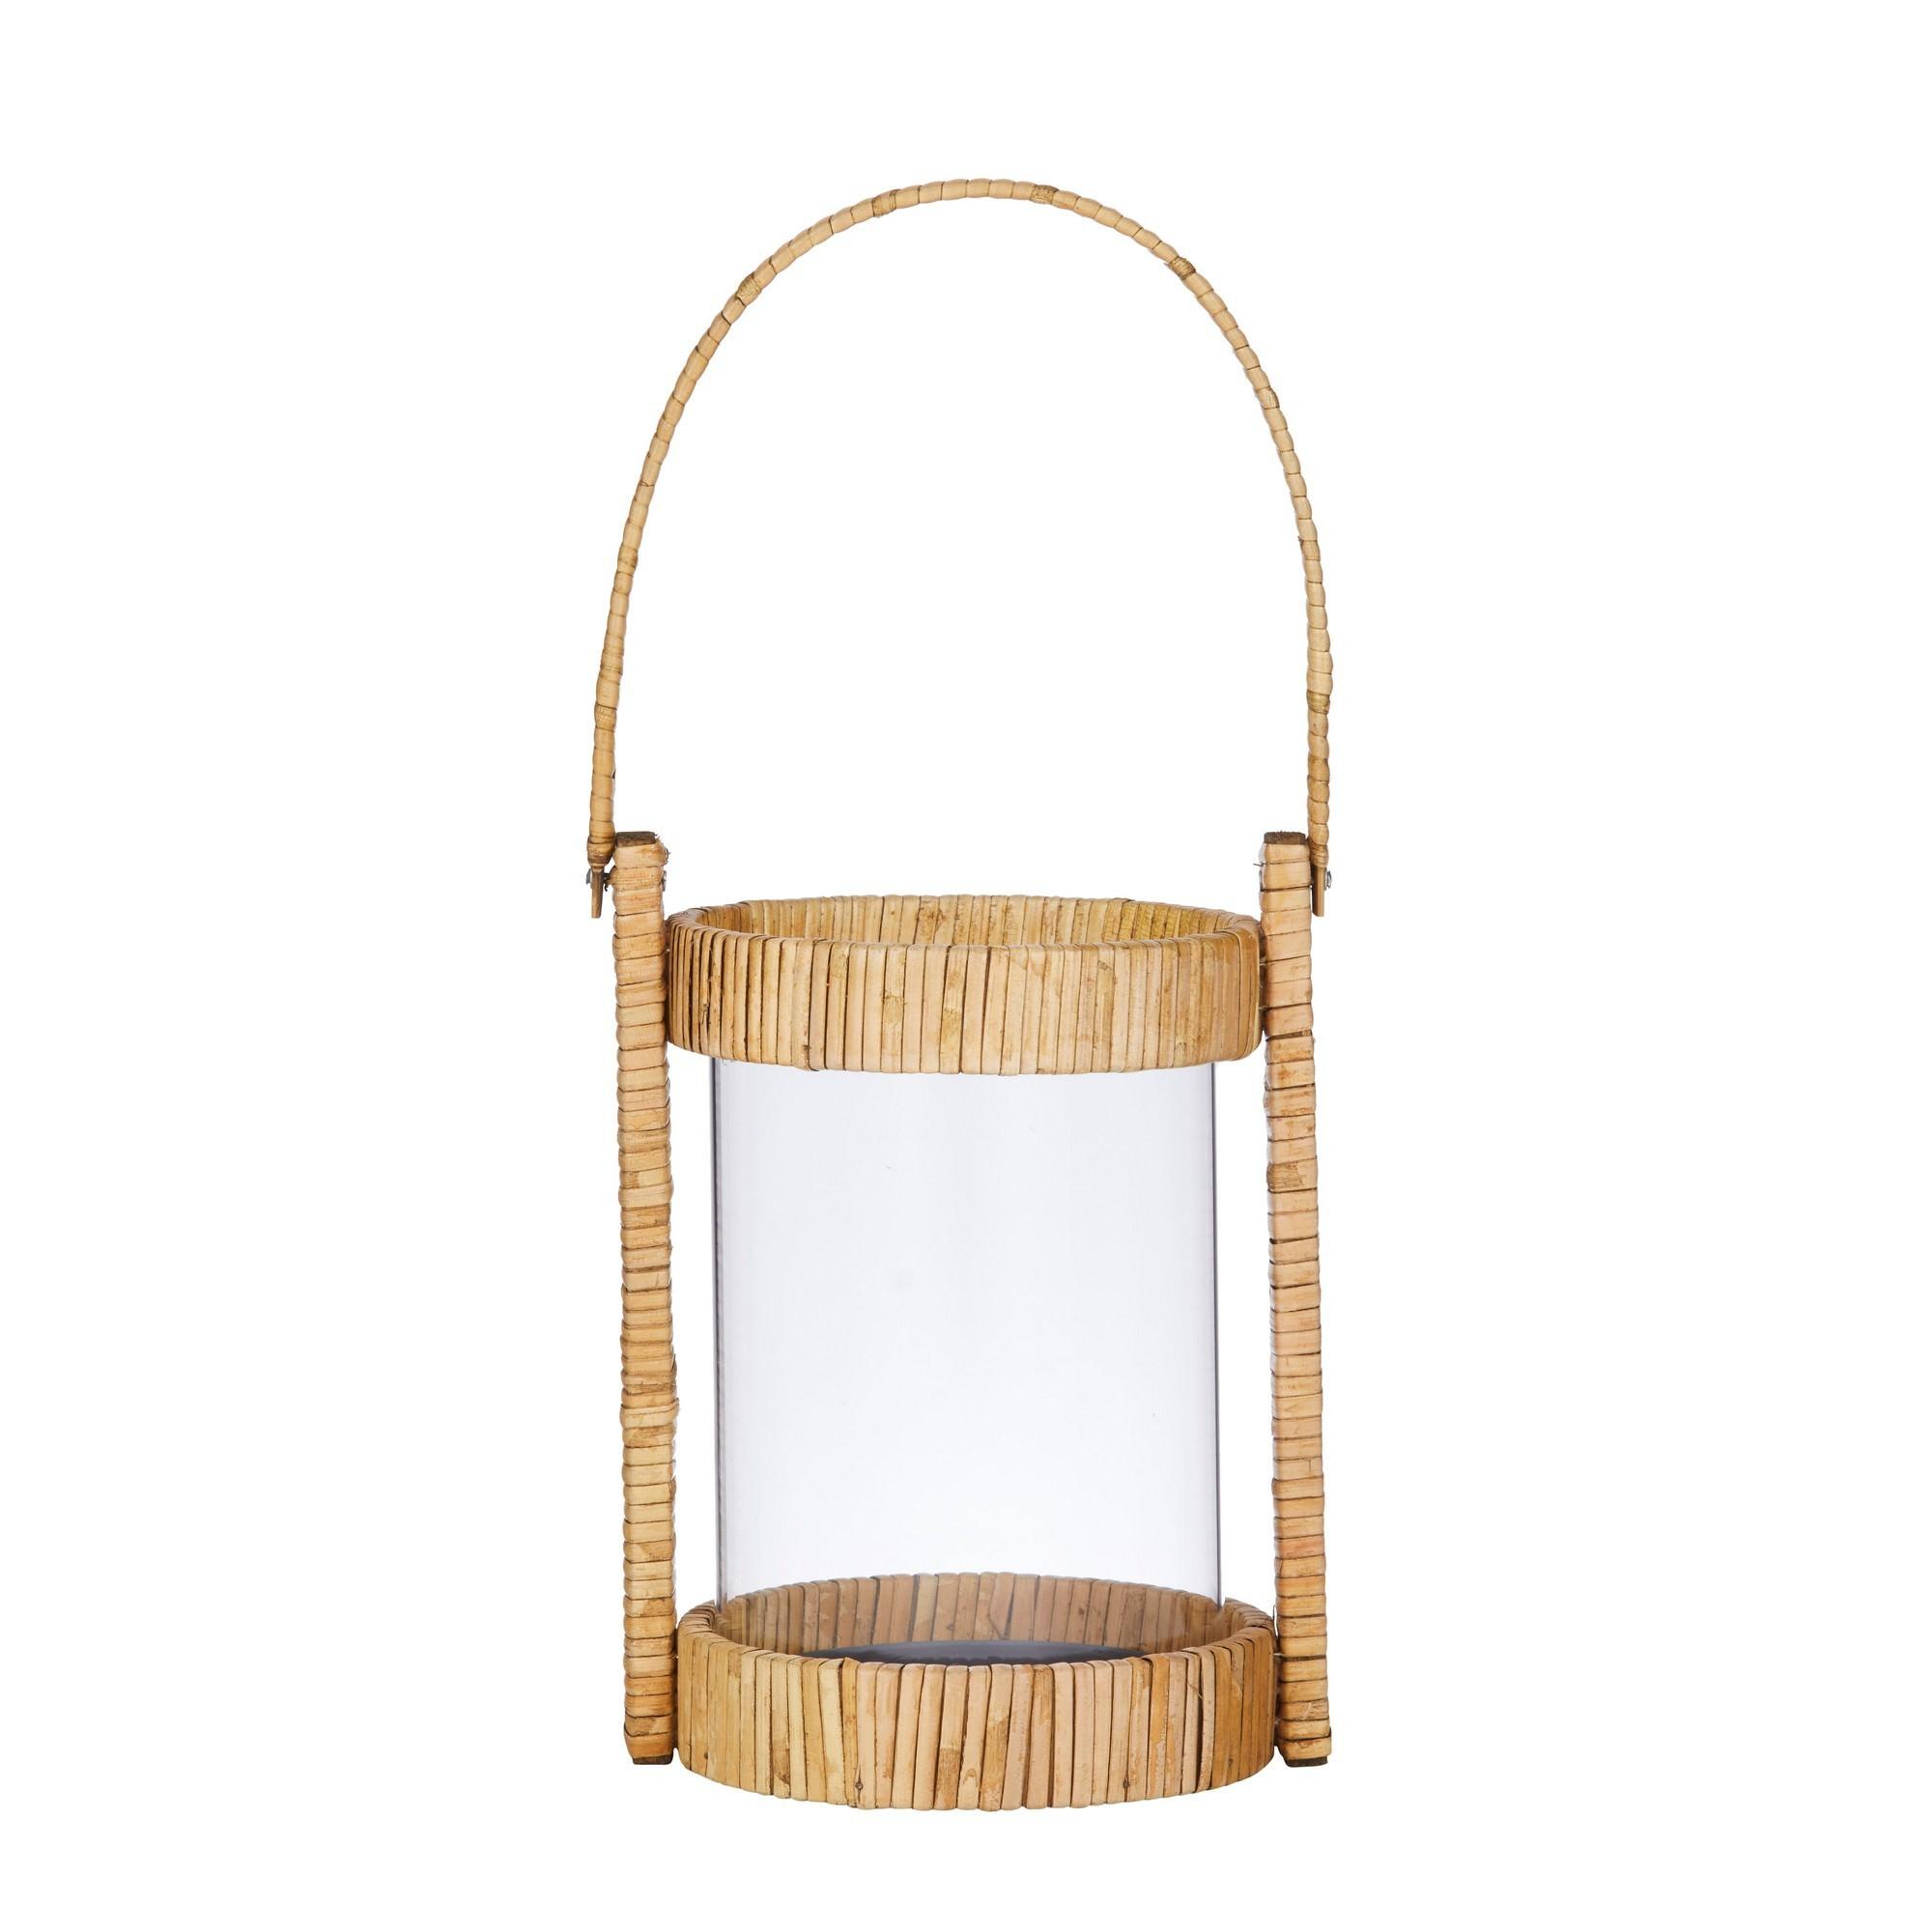 Tango Bamboo Rattan & Glass Lantern